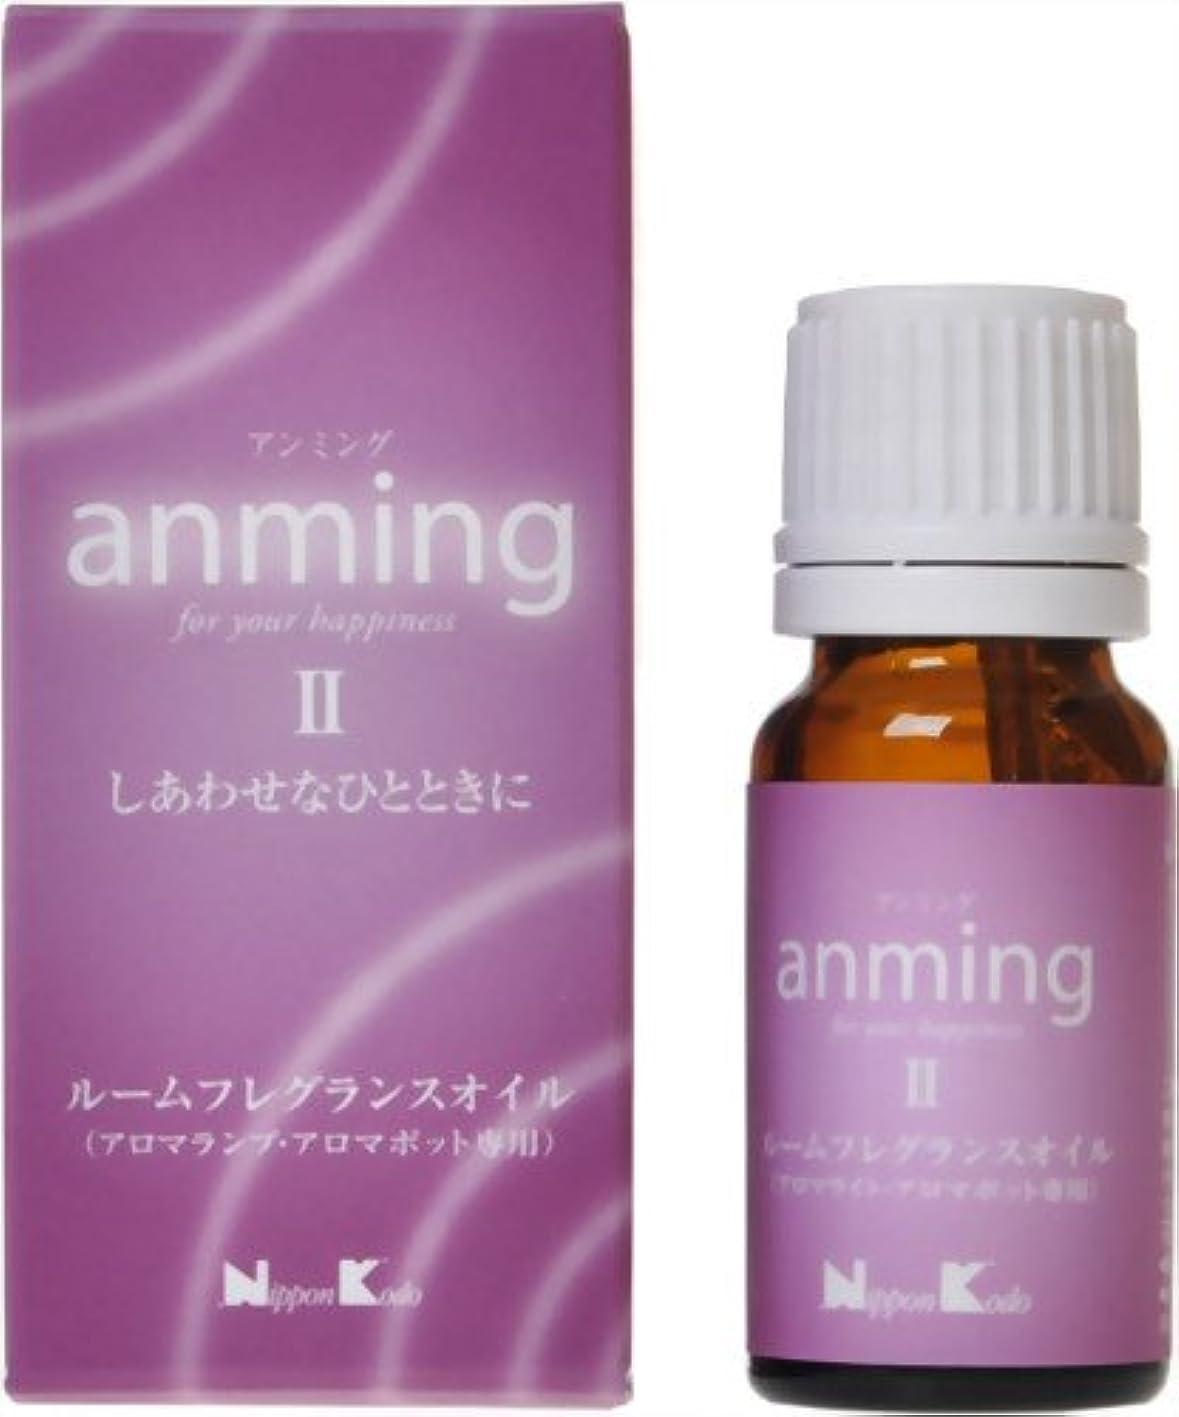 豆咽頭累積anming2(アンミング2) ルームフレグランスオイル 10ml